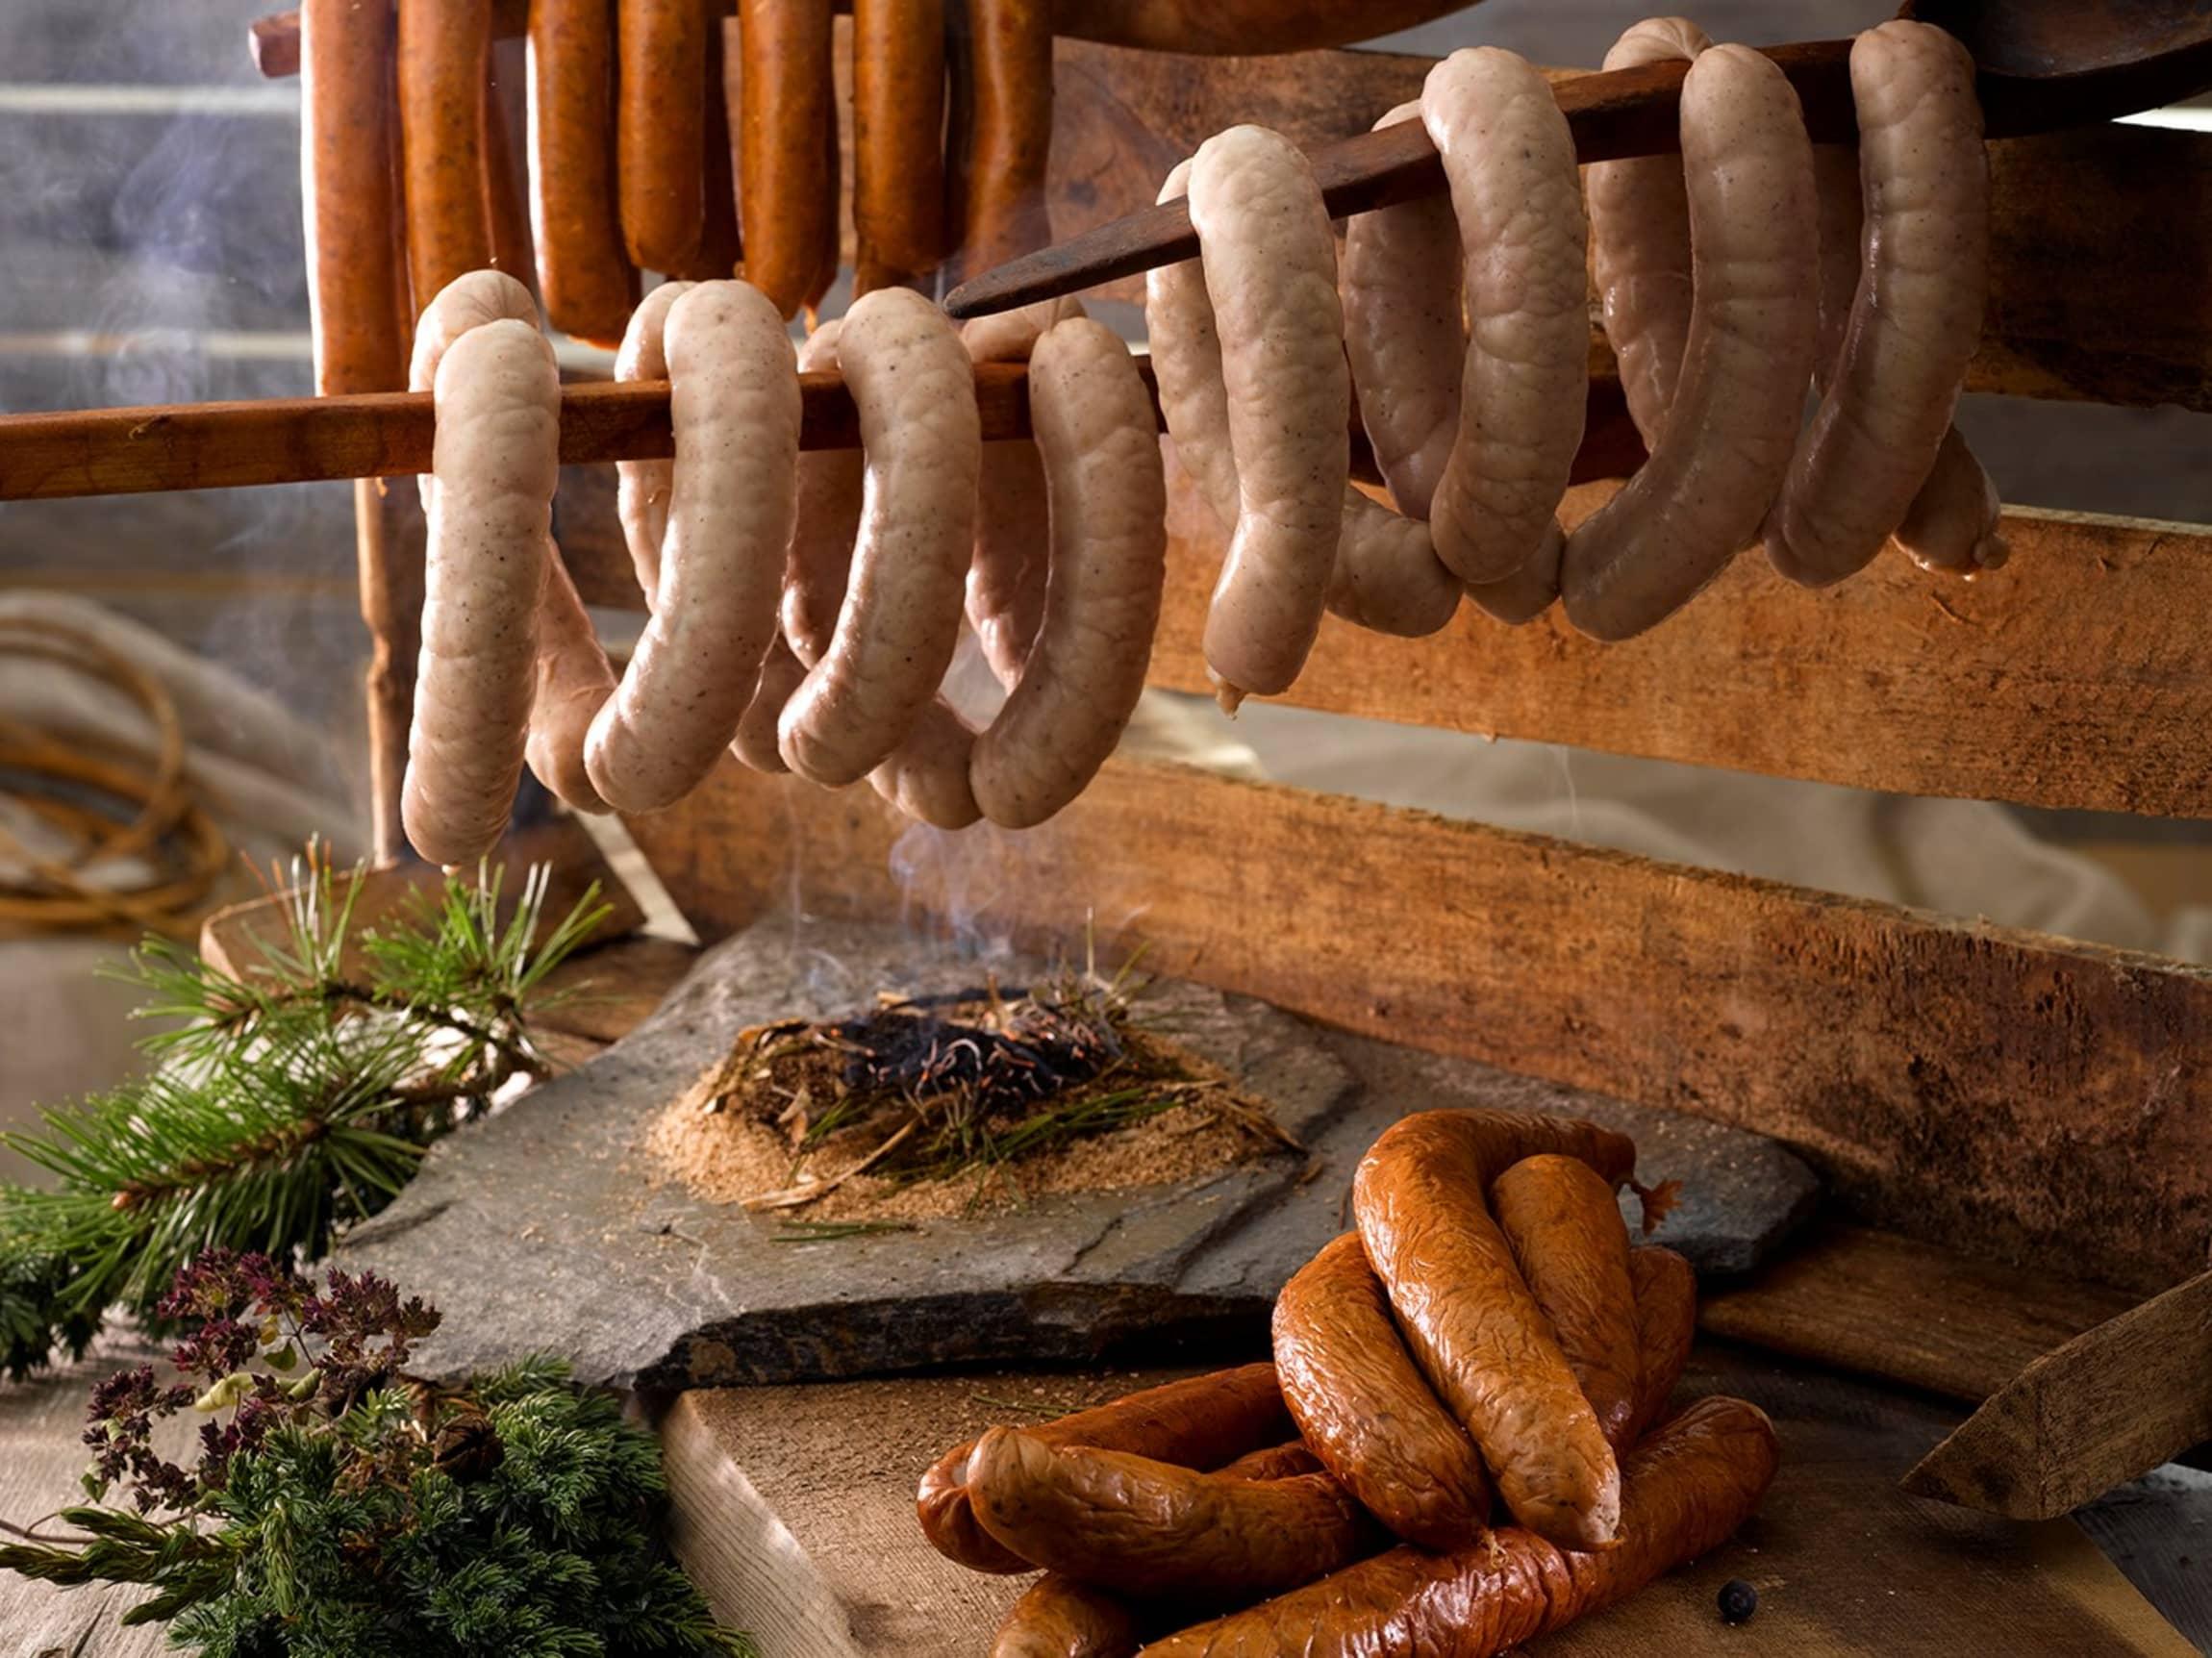 Naturlige råvarer og smaker fra naturen kjennetegner pølsene